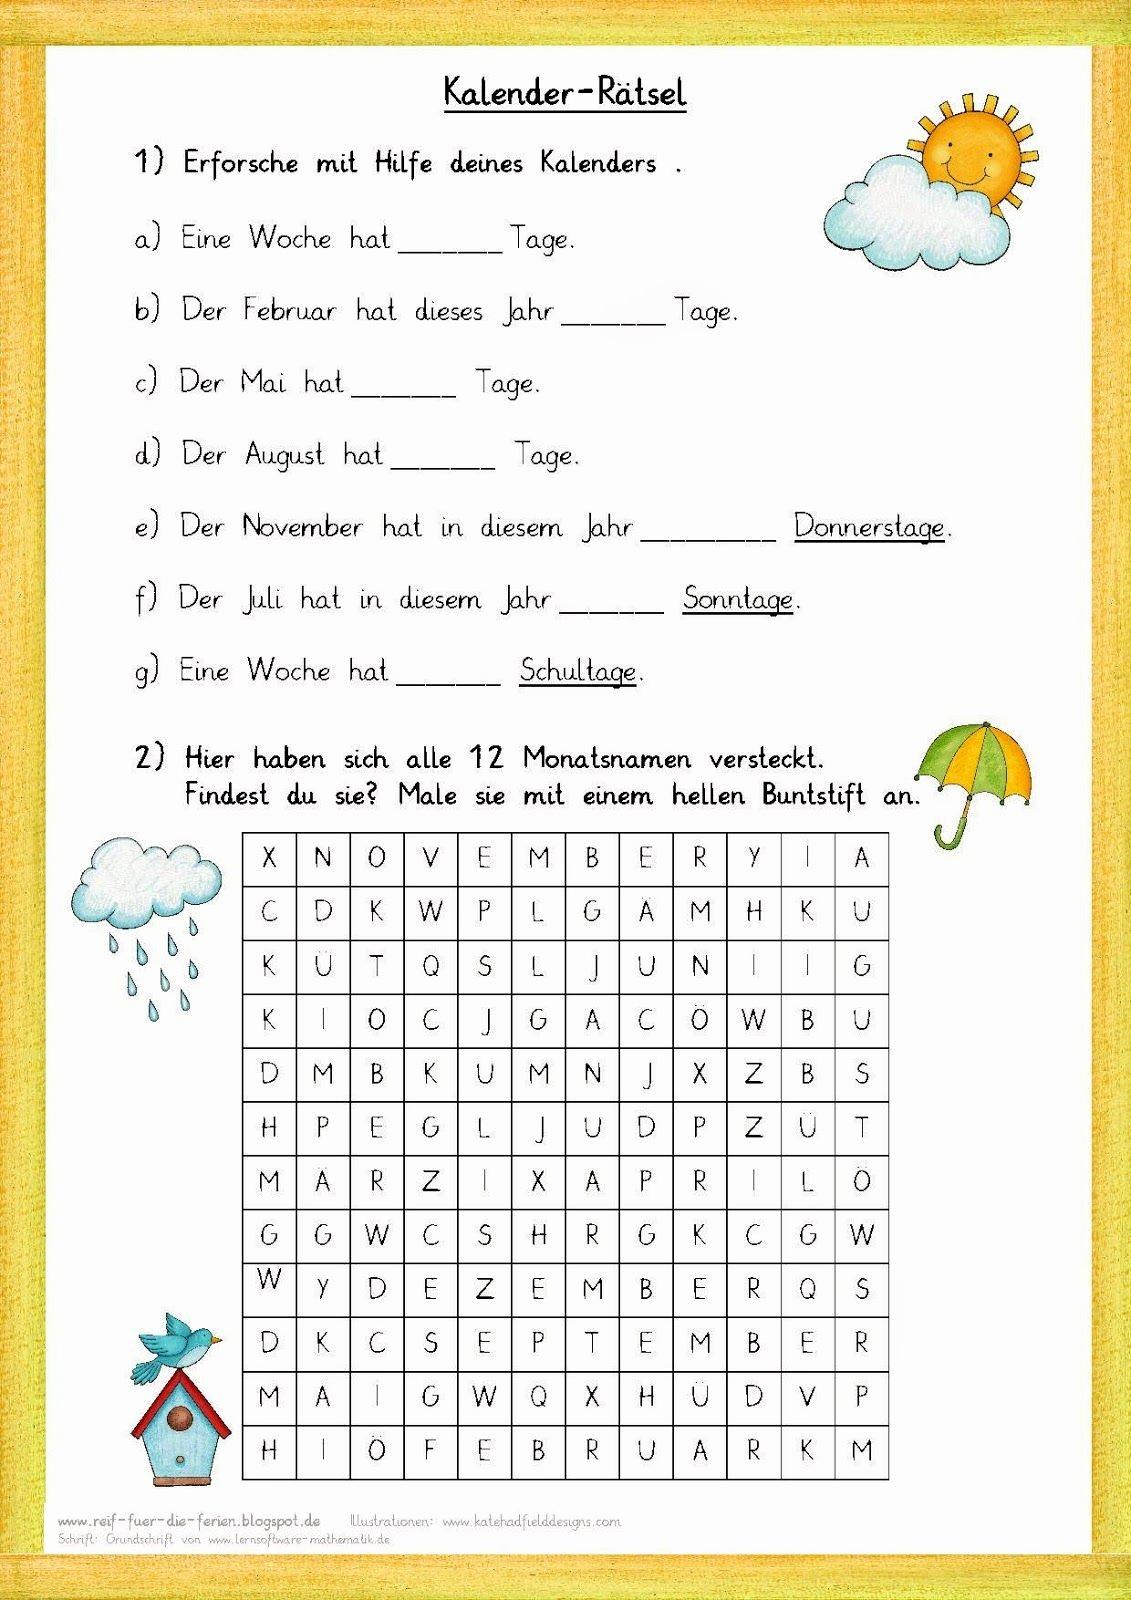 Rätsel Für Senioren Zum Ausdrucken Frisch Kalender Rätsel bei Rätsel Für Senioren Zum Ausdrucken